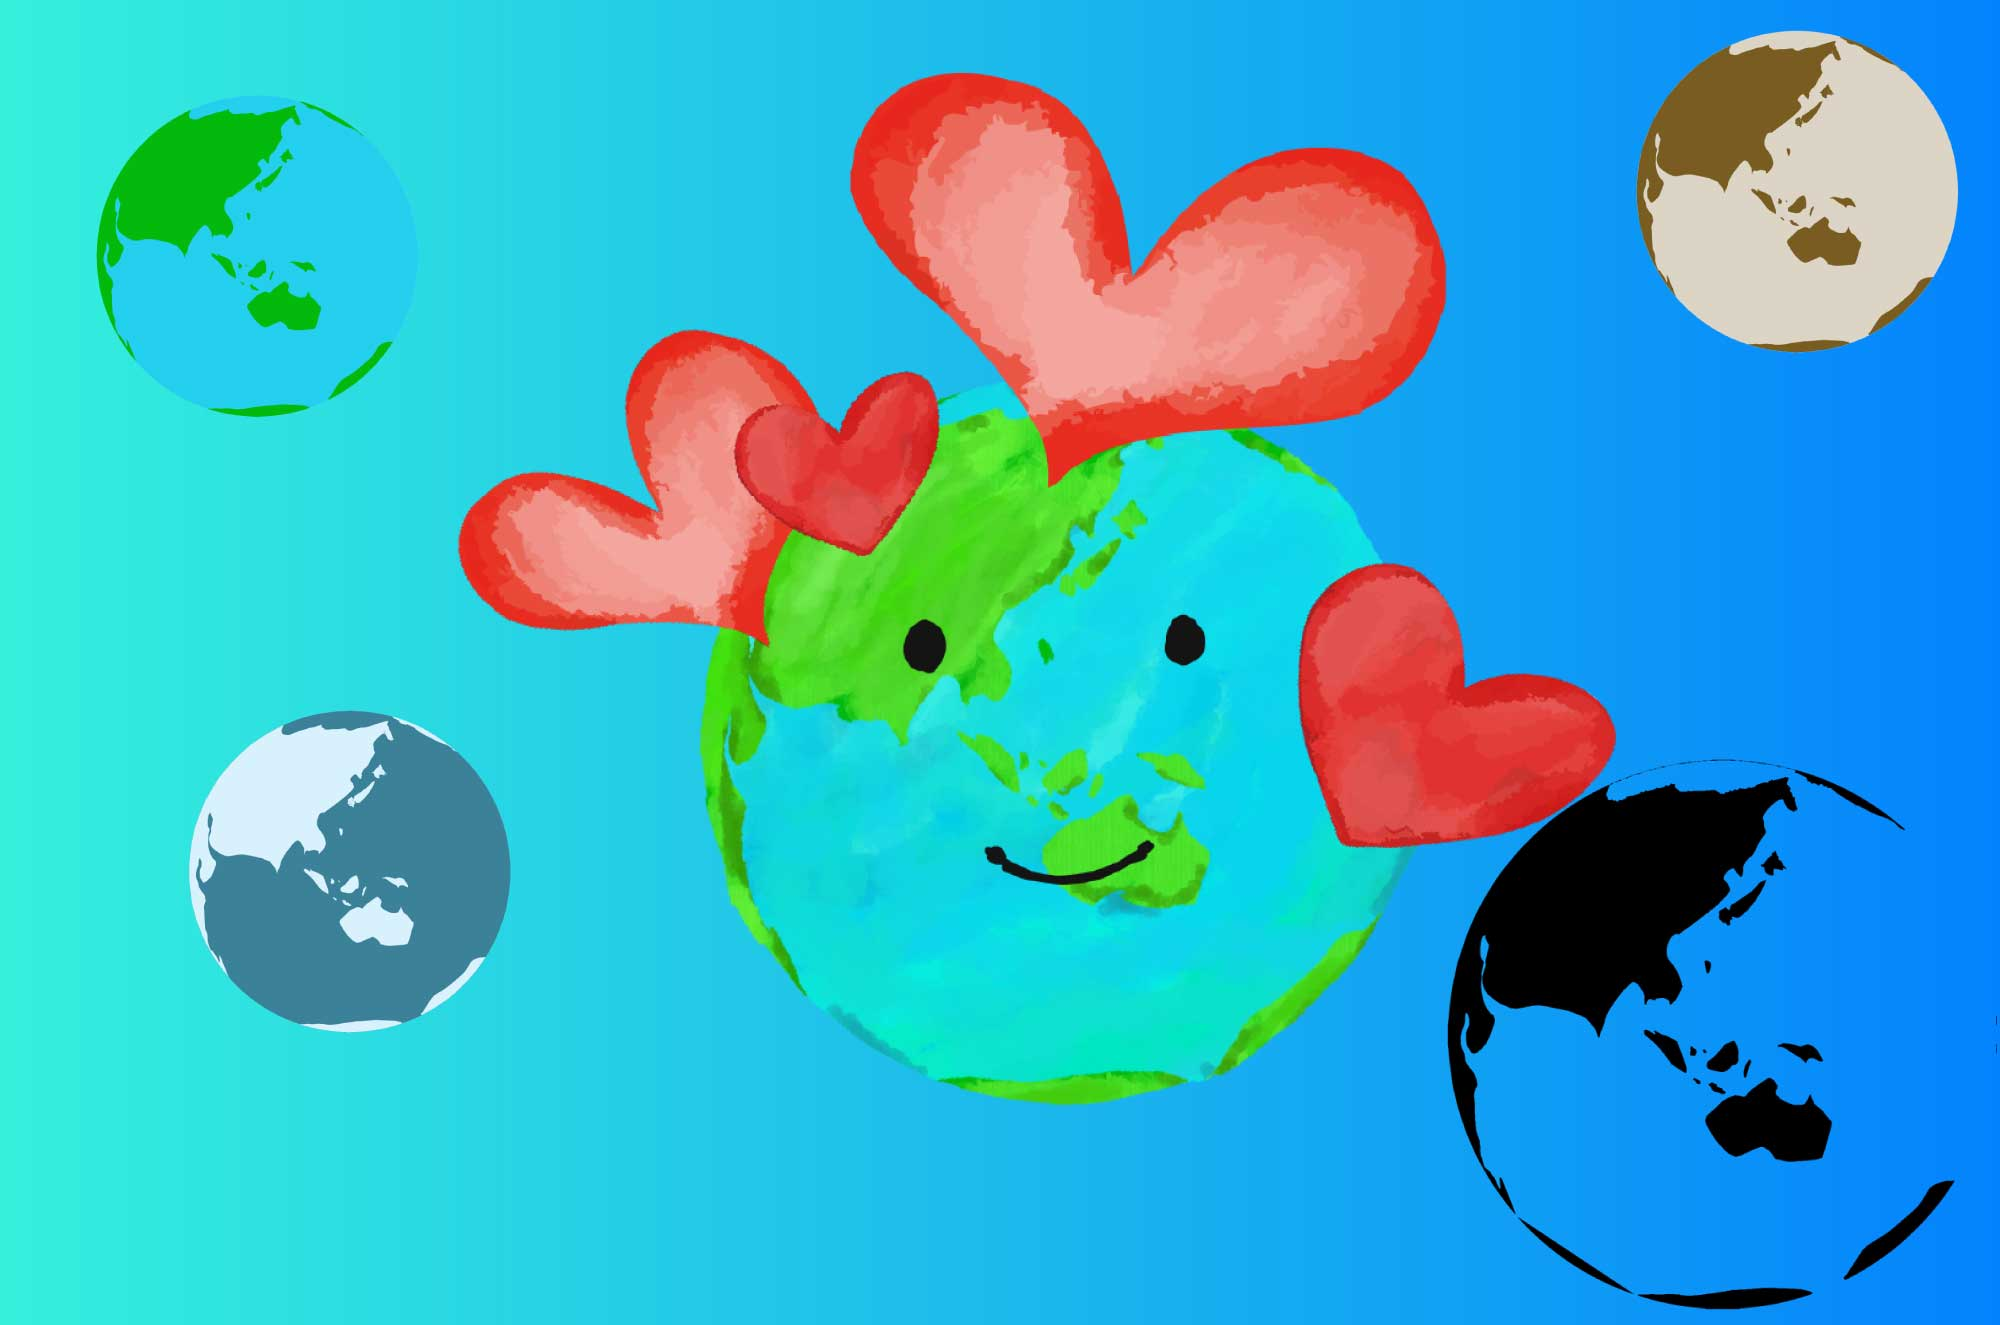 地球のイラスト - 可愛いエコロジーイメージ無料素材 - チコデザ